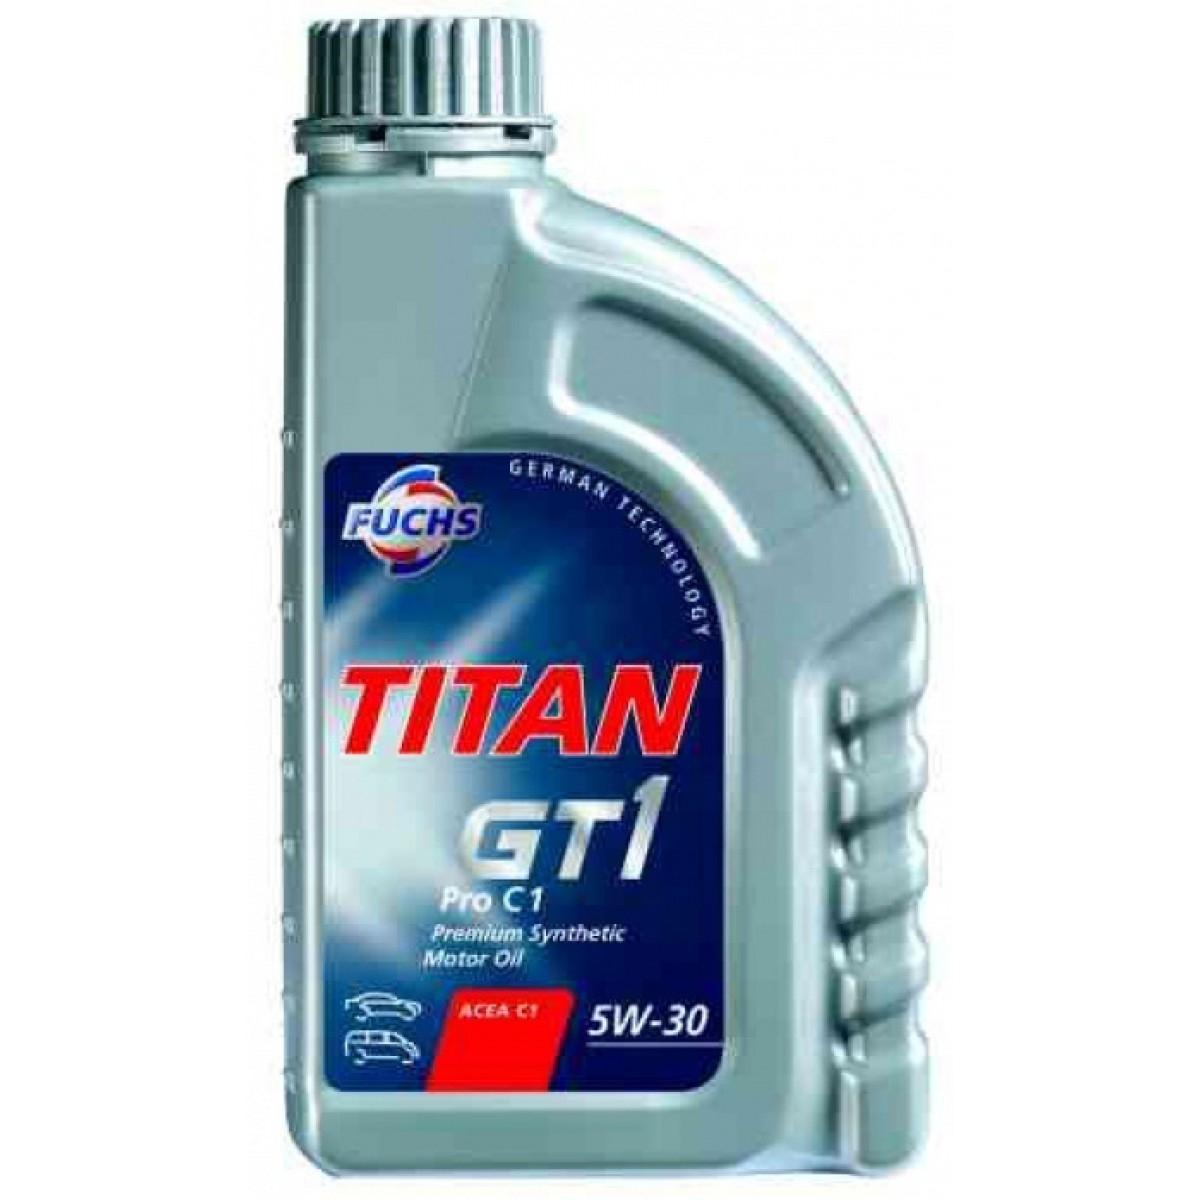 TITAN GT1 PRO B-TEC Fuchs 600934392